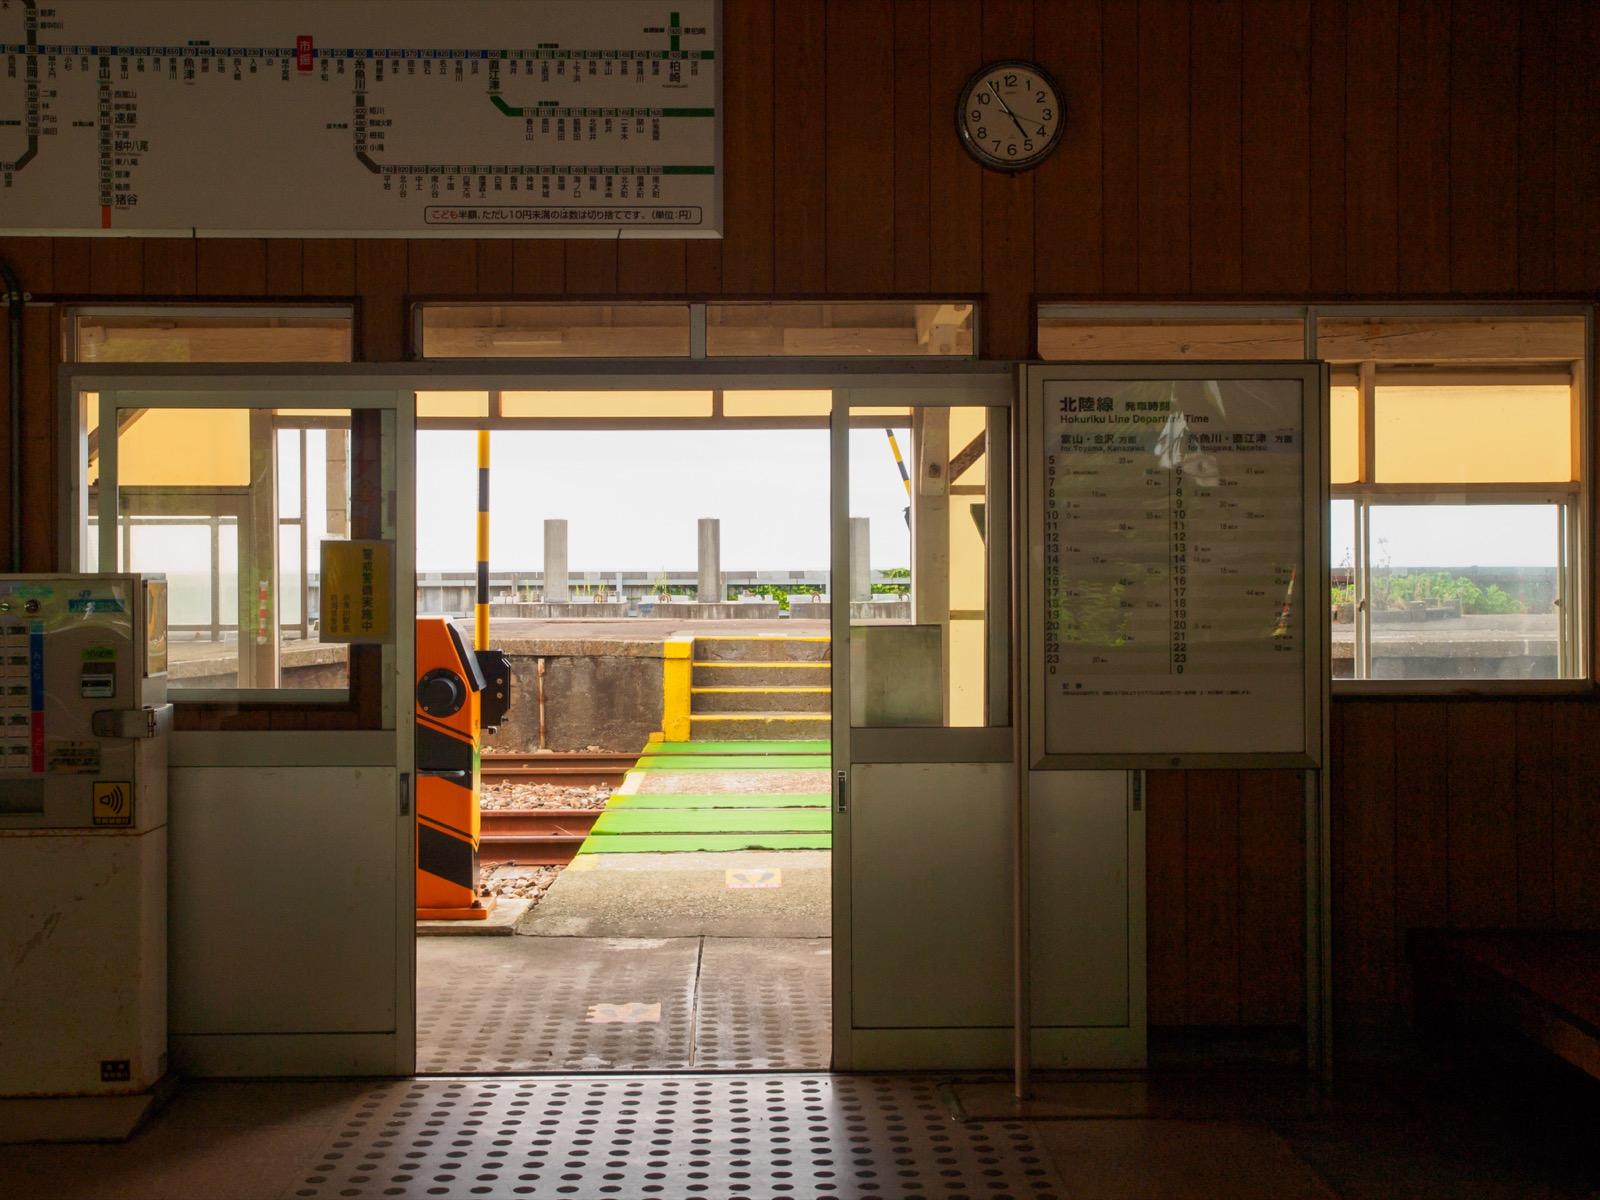 市振駅の駅舎から見た踏切と日本海